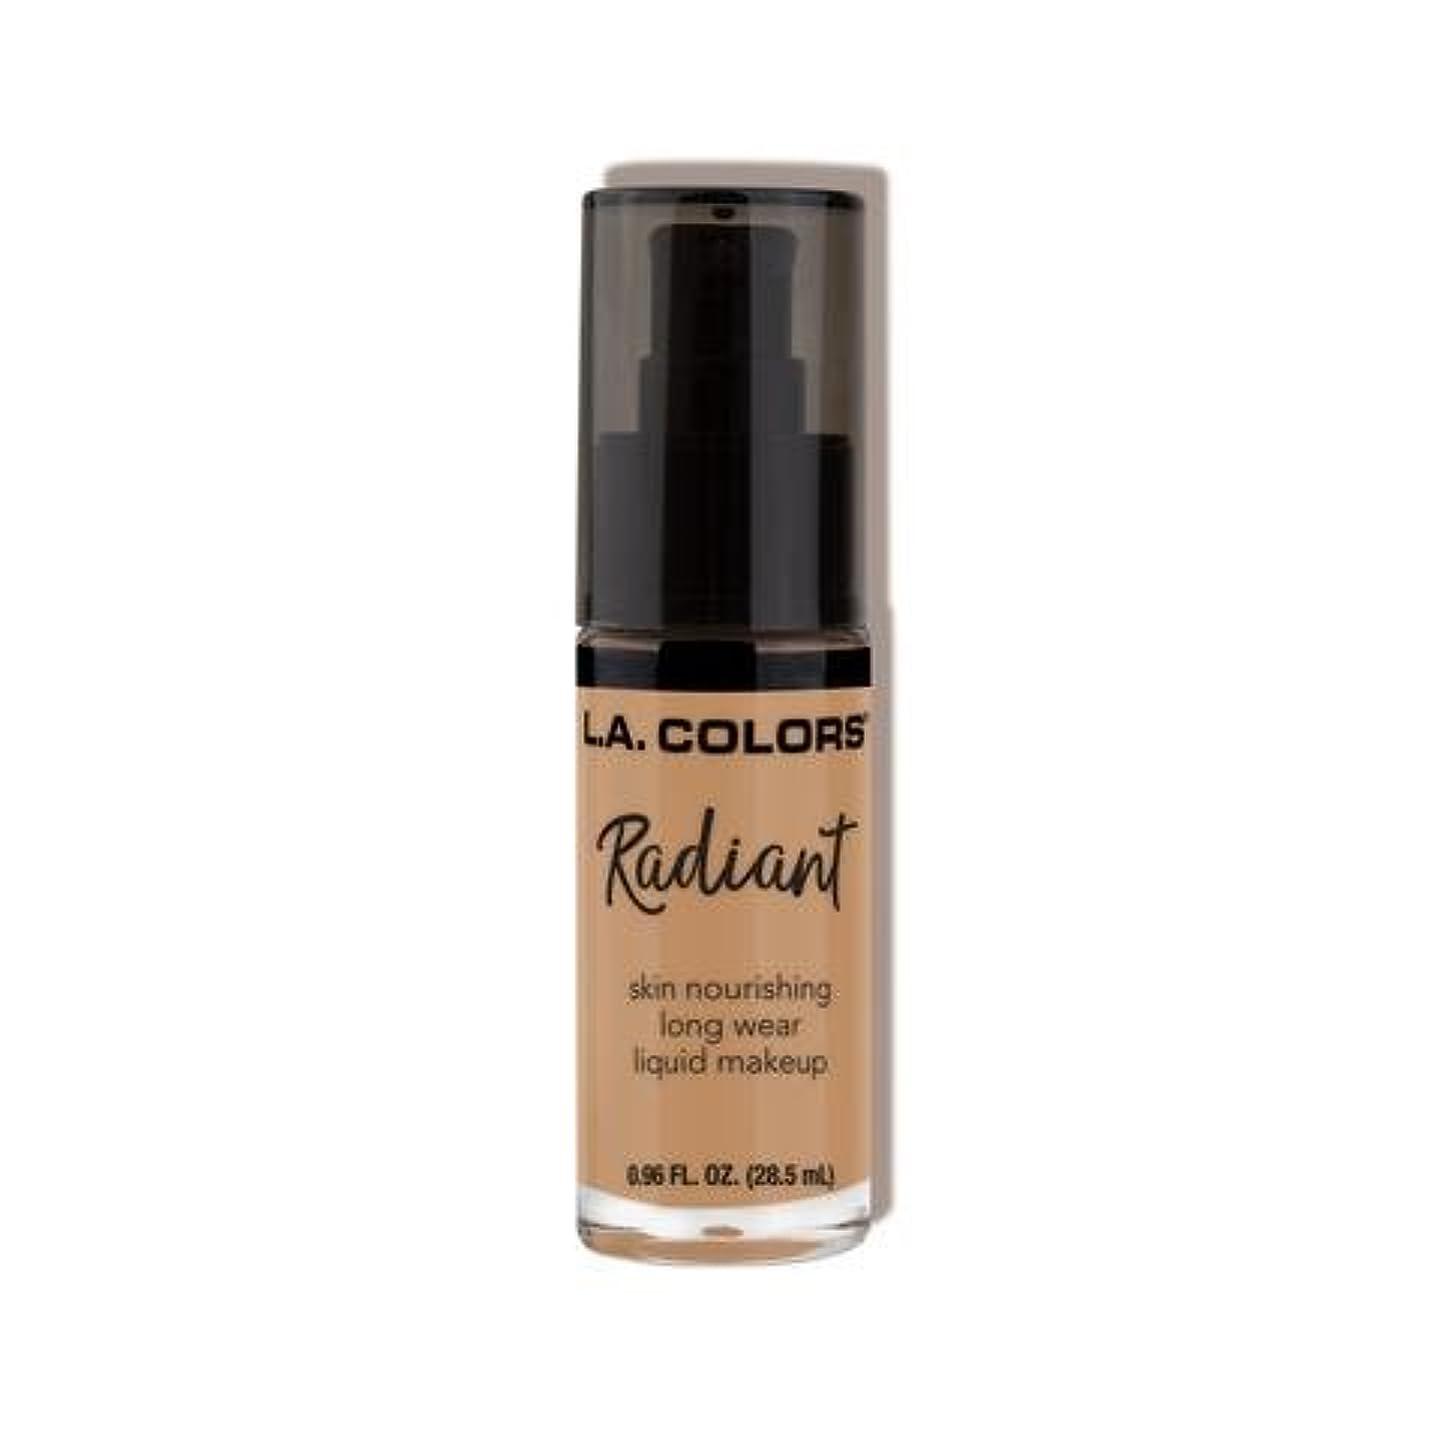 貧しいスリッパハイランド(3 Pack) L.A. COLORS Radiant Liquid Makeup - Light Toffee (並行輸入品)